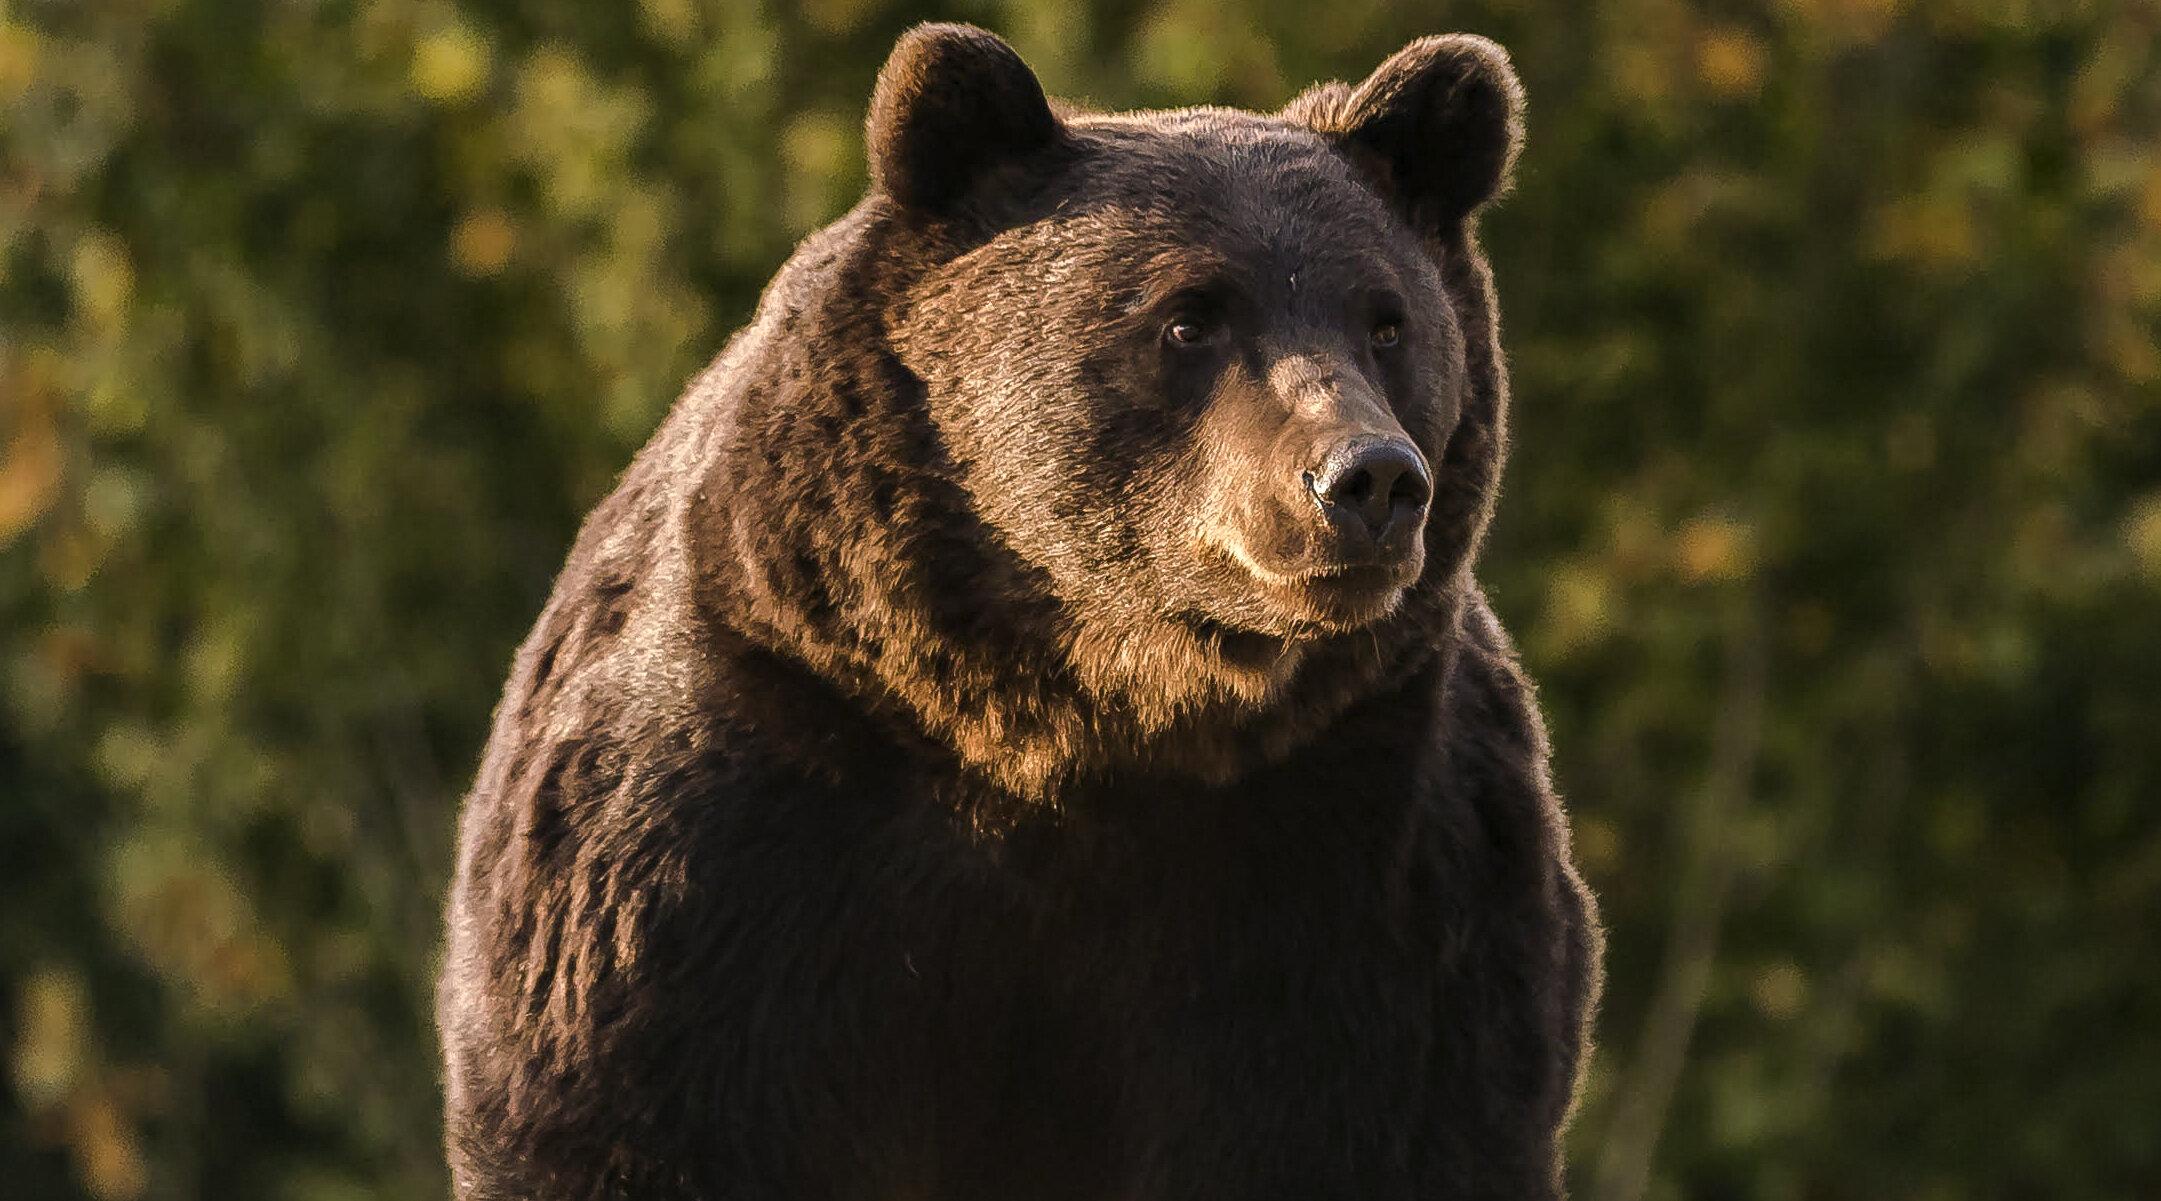 Vânătoarea de urși este interzisă din 2016, iar Arthur se afla într-o zonă protejată. Totuși, a fost ucis